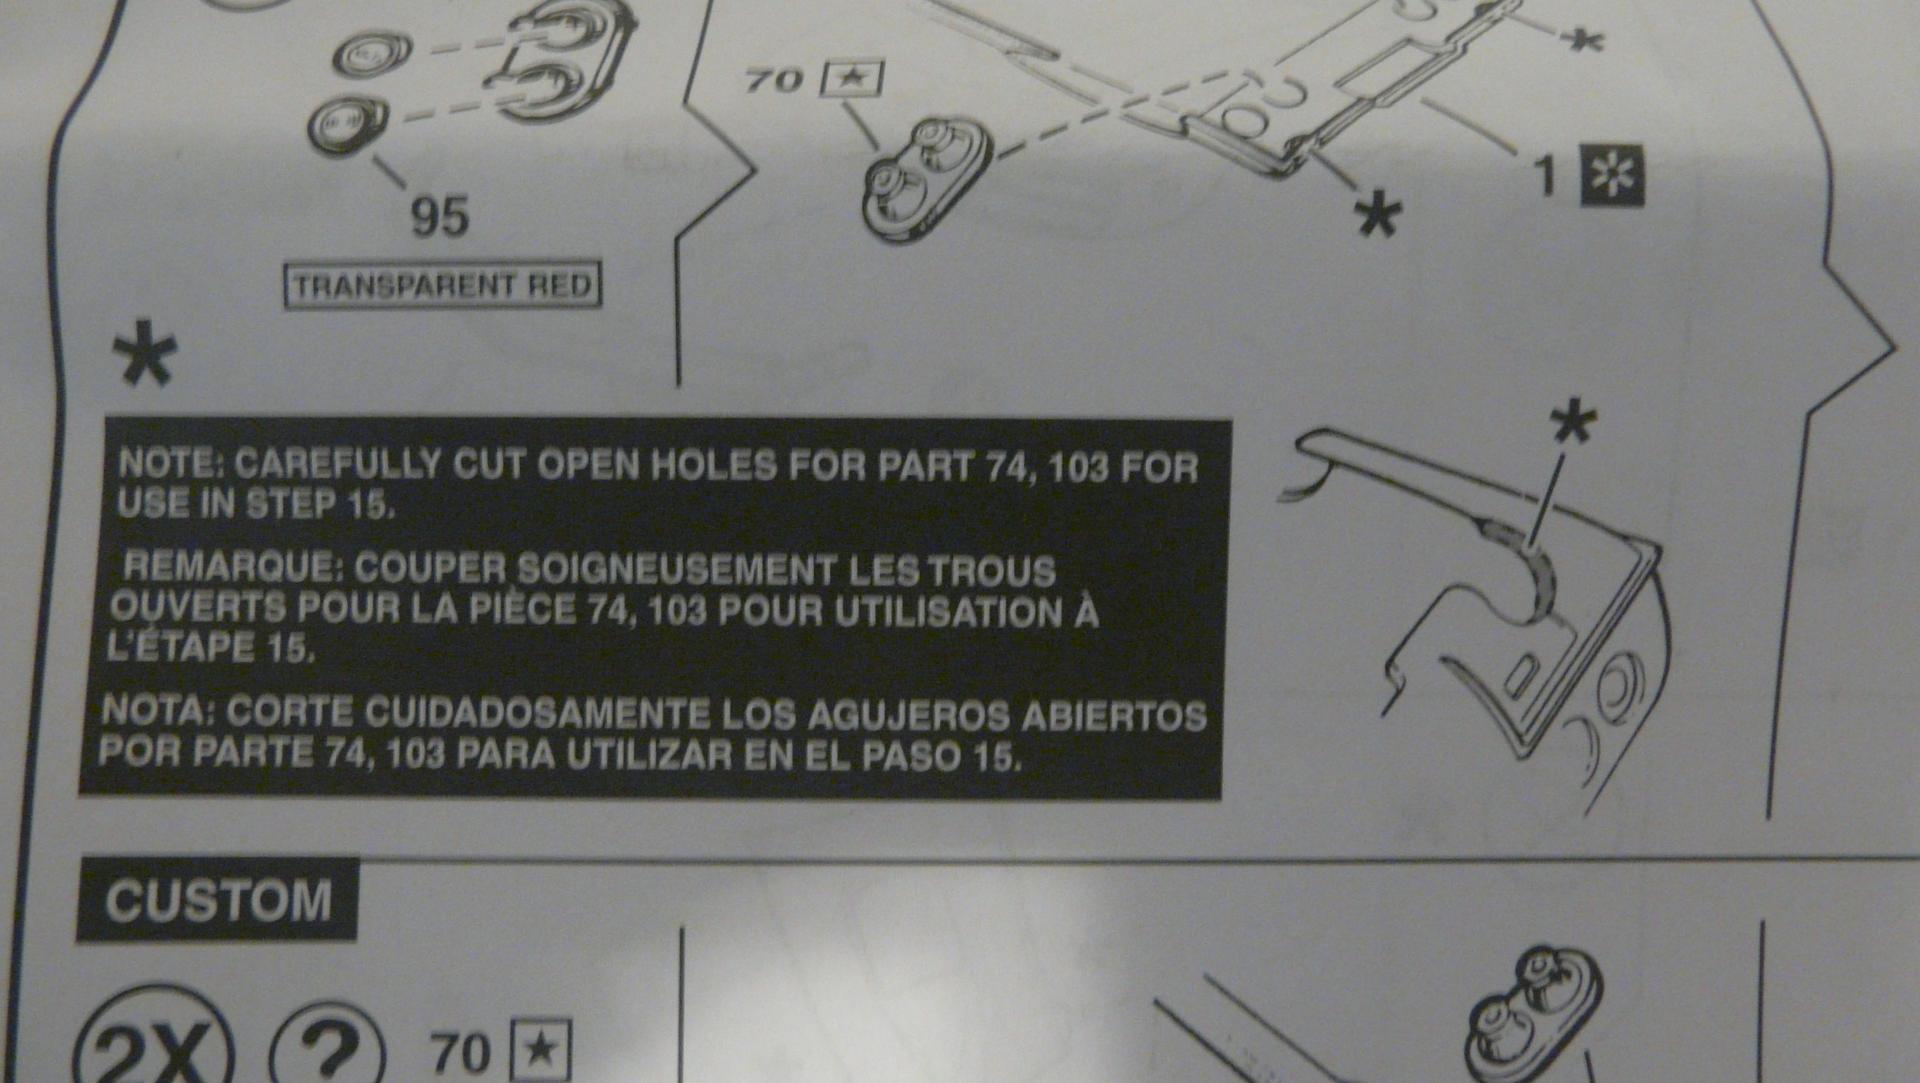 P1090676.thumb.JPG.996654bc7e15af2b2d7b130da55c50ff.JPG